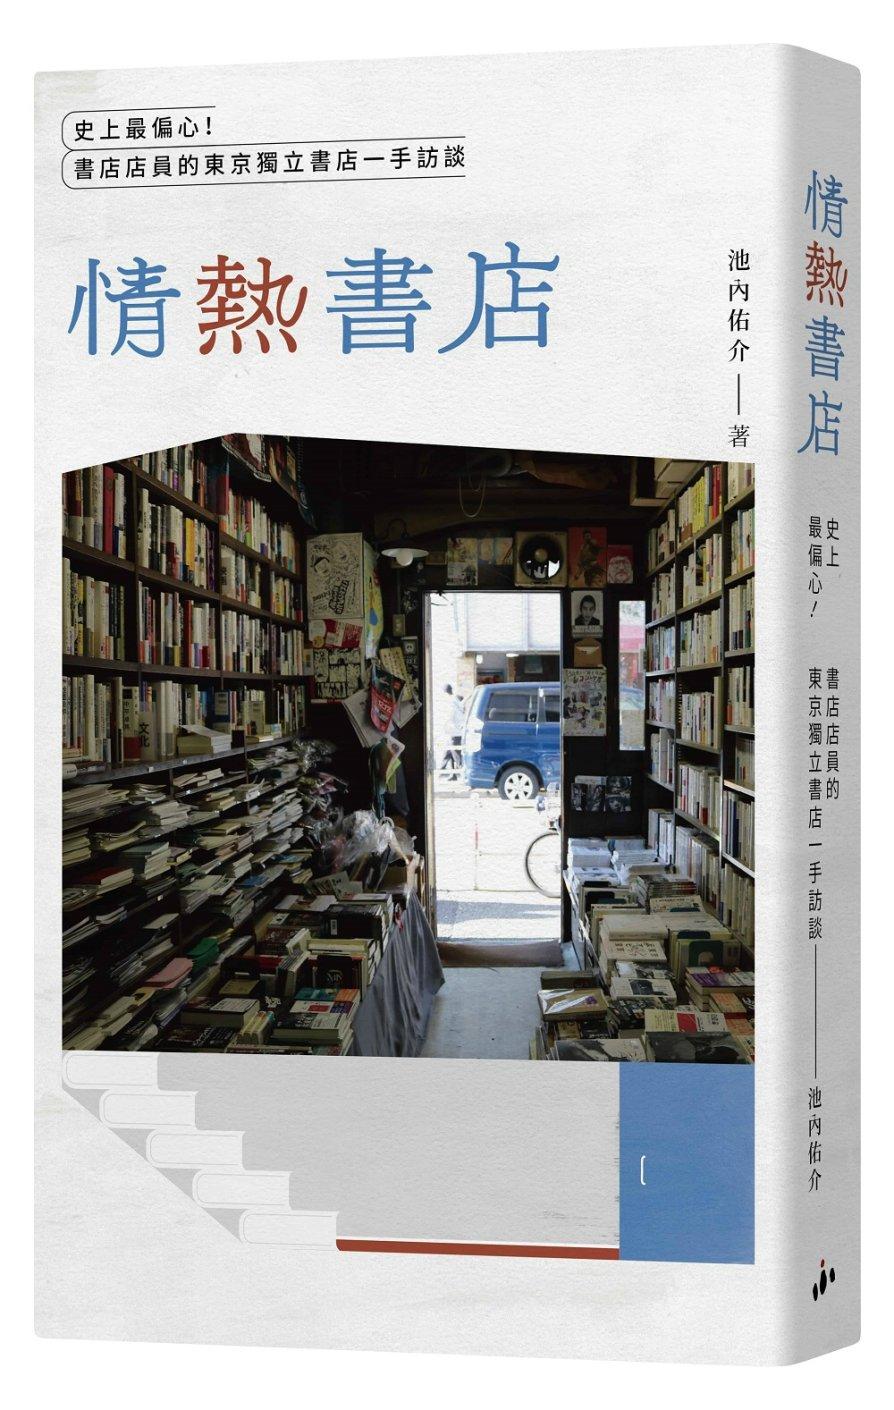 情熱書店:史上最偏心!書店店員...